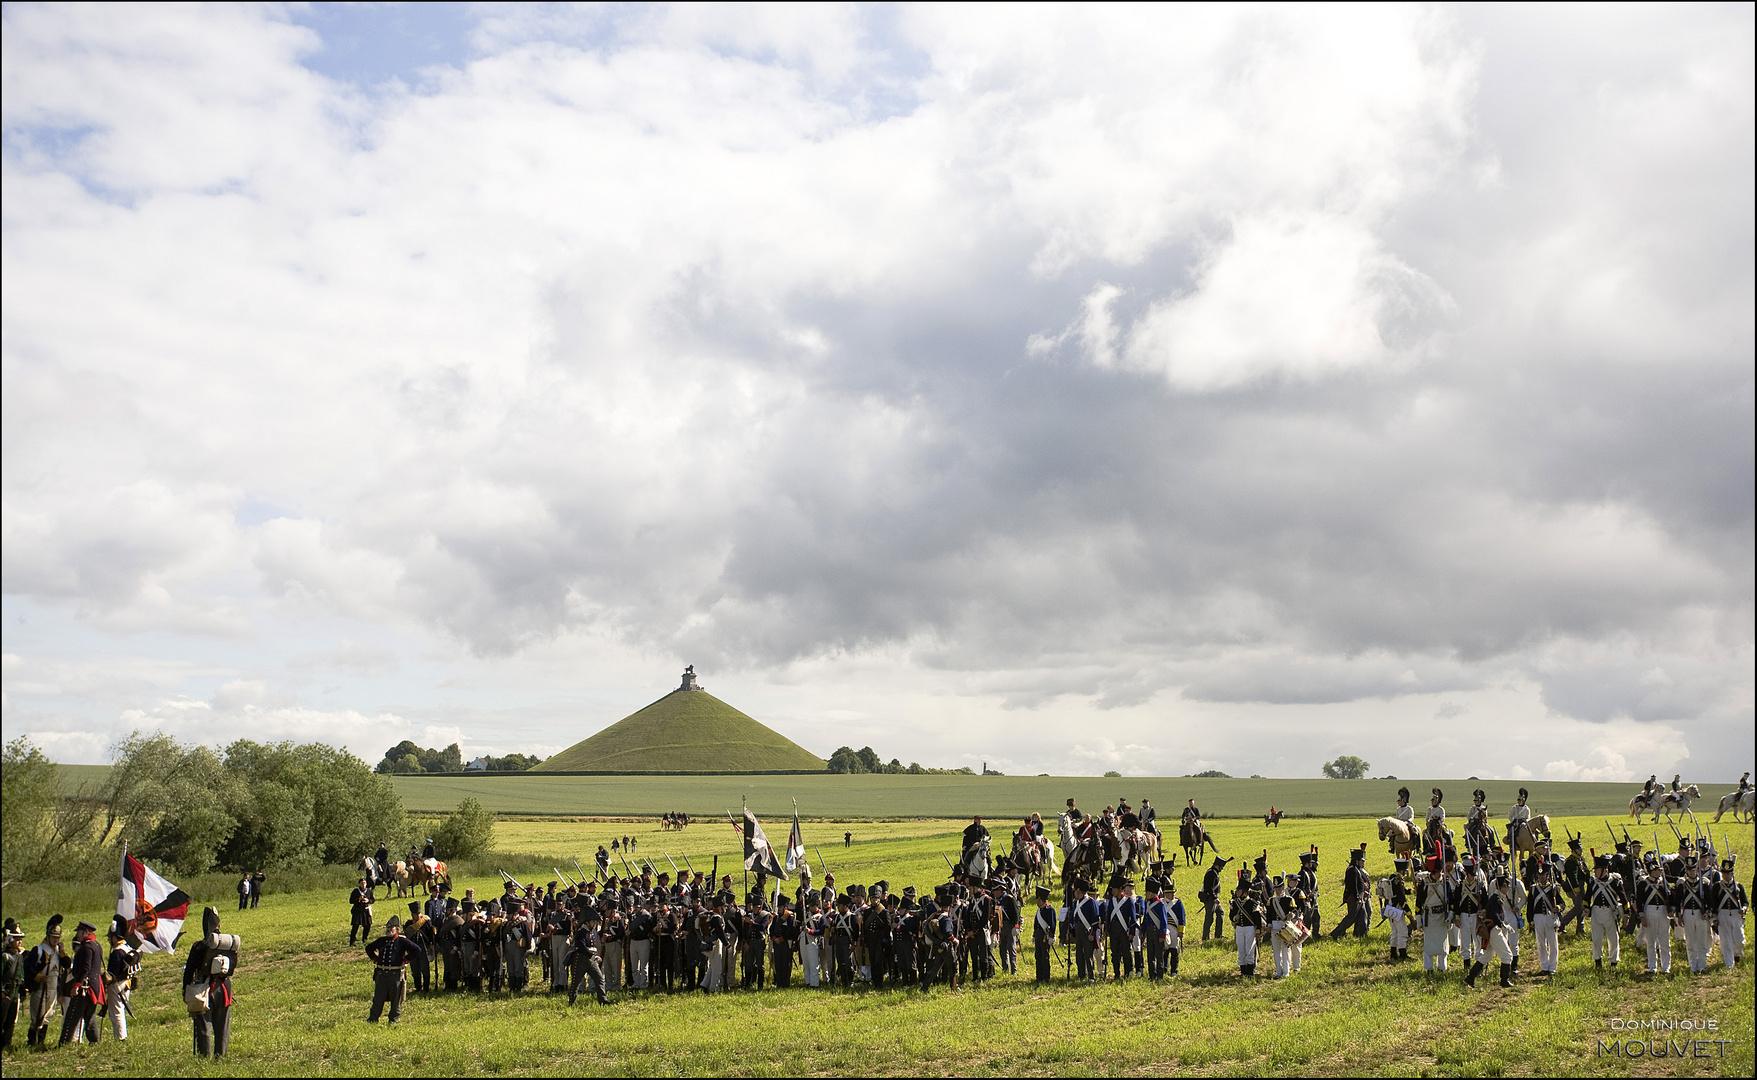 bataille de Waterloo reconstitution 2010